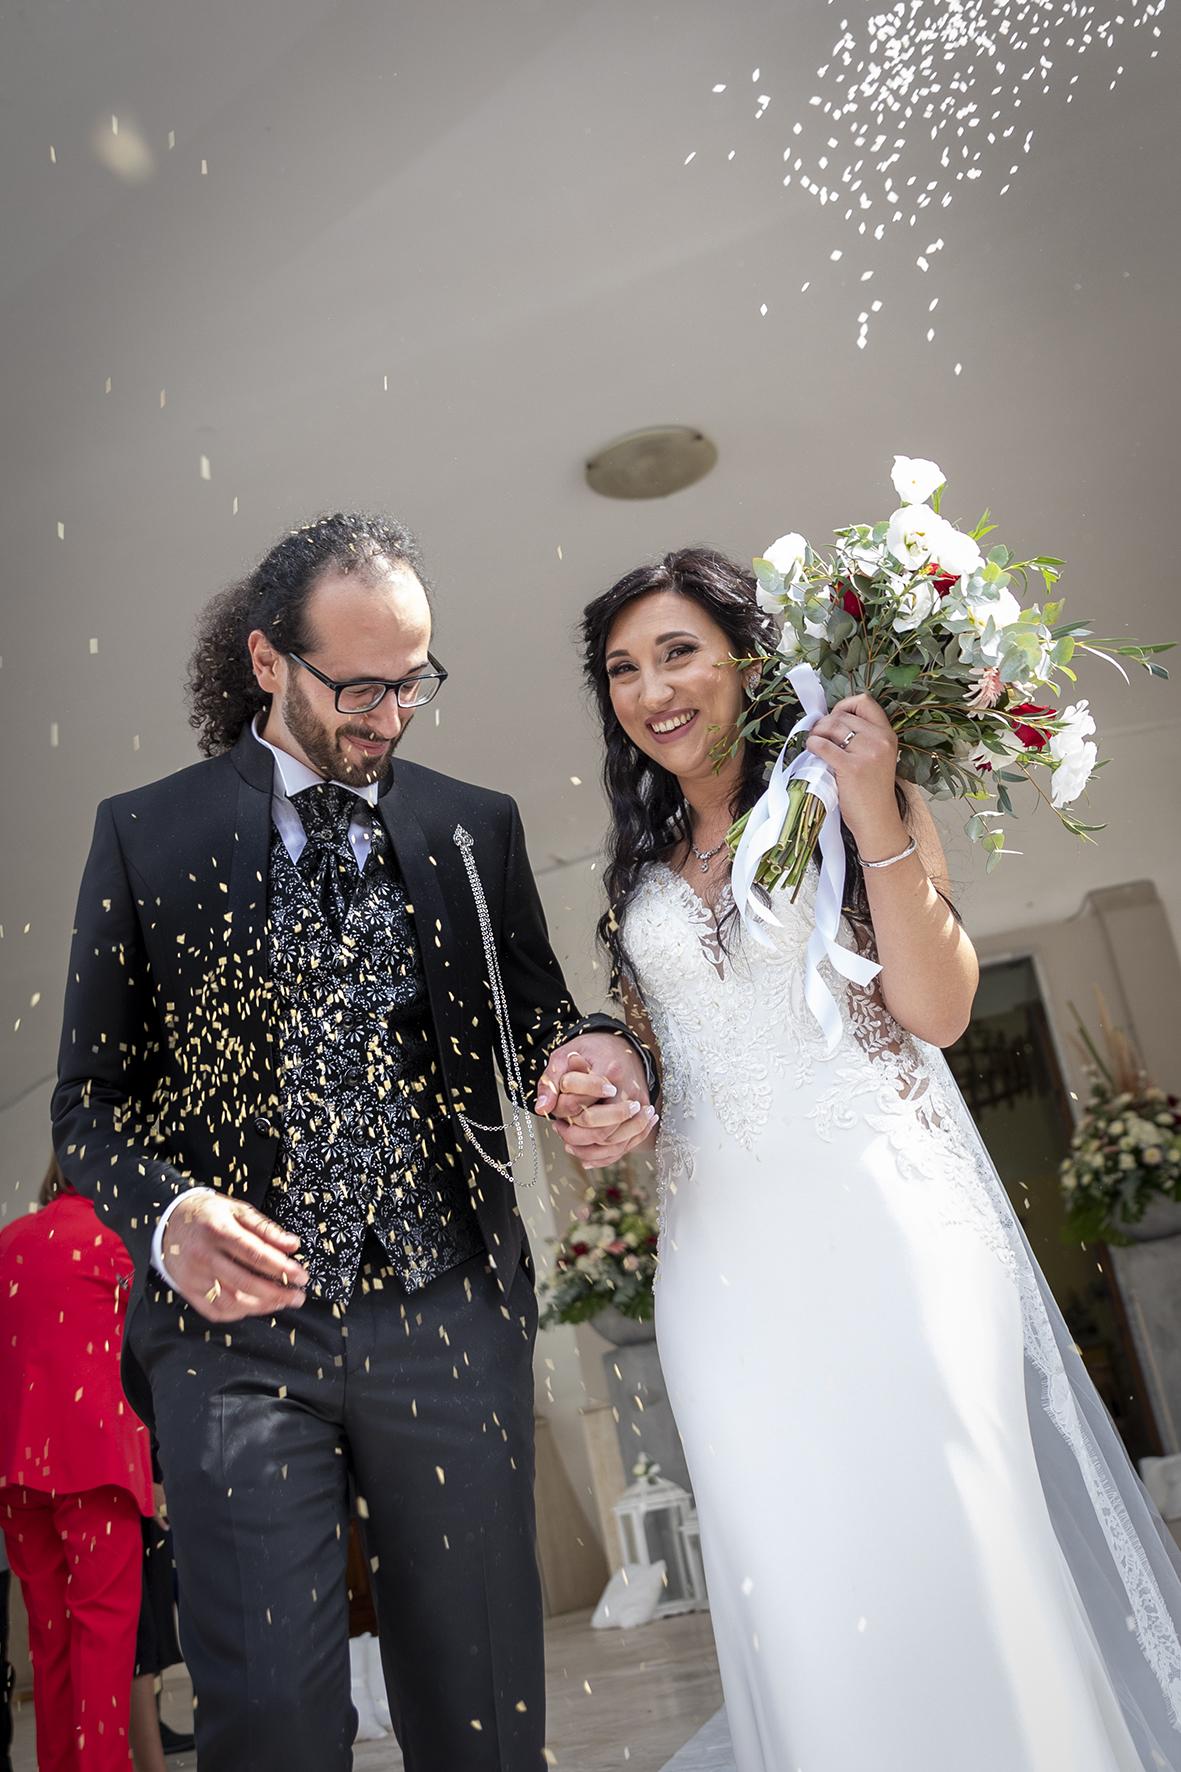 postproduzione foto di matrimonio da colore a bianco e nero